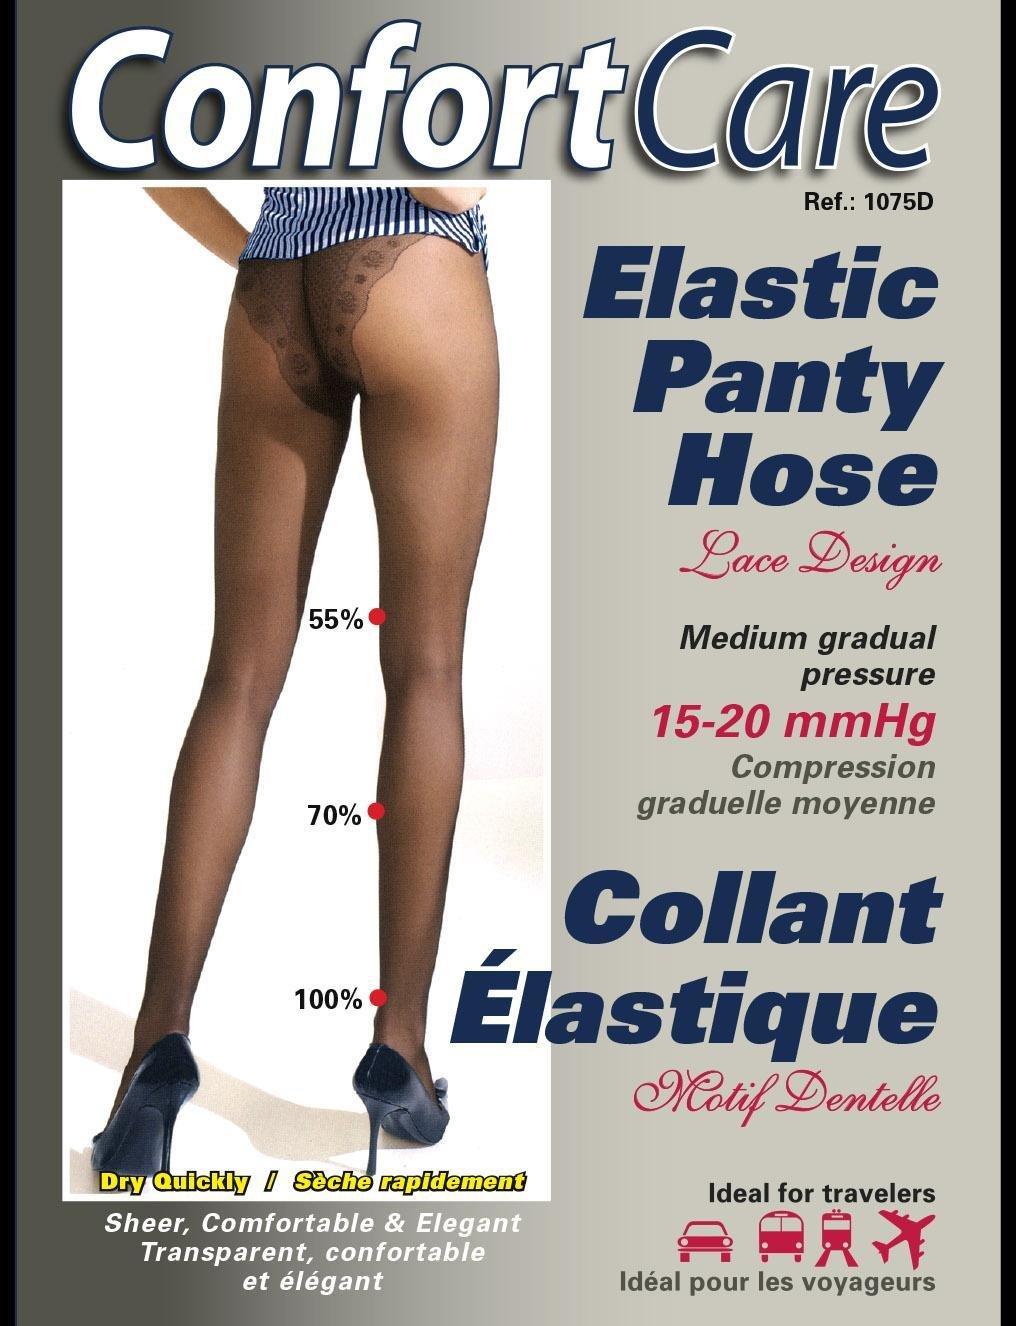 Collant Élastique Support moyen (15-20mmHg) Elastic medium Support  Panty Hose ( Lace Design  Motif Dentelle) .